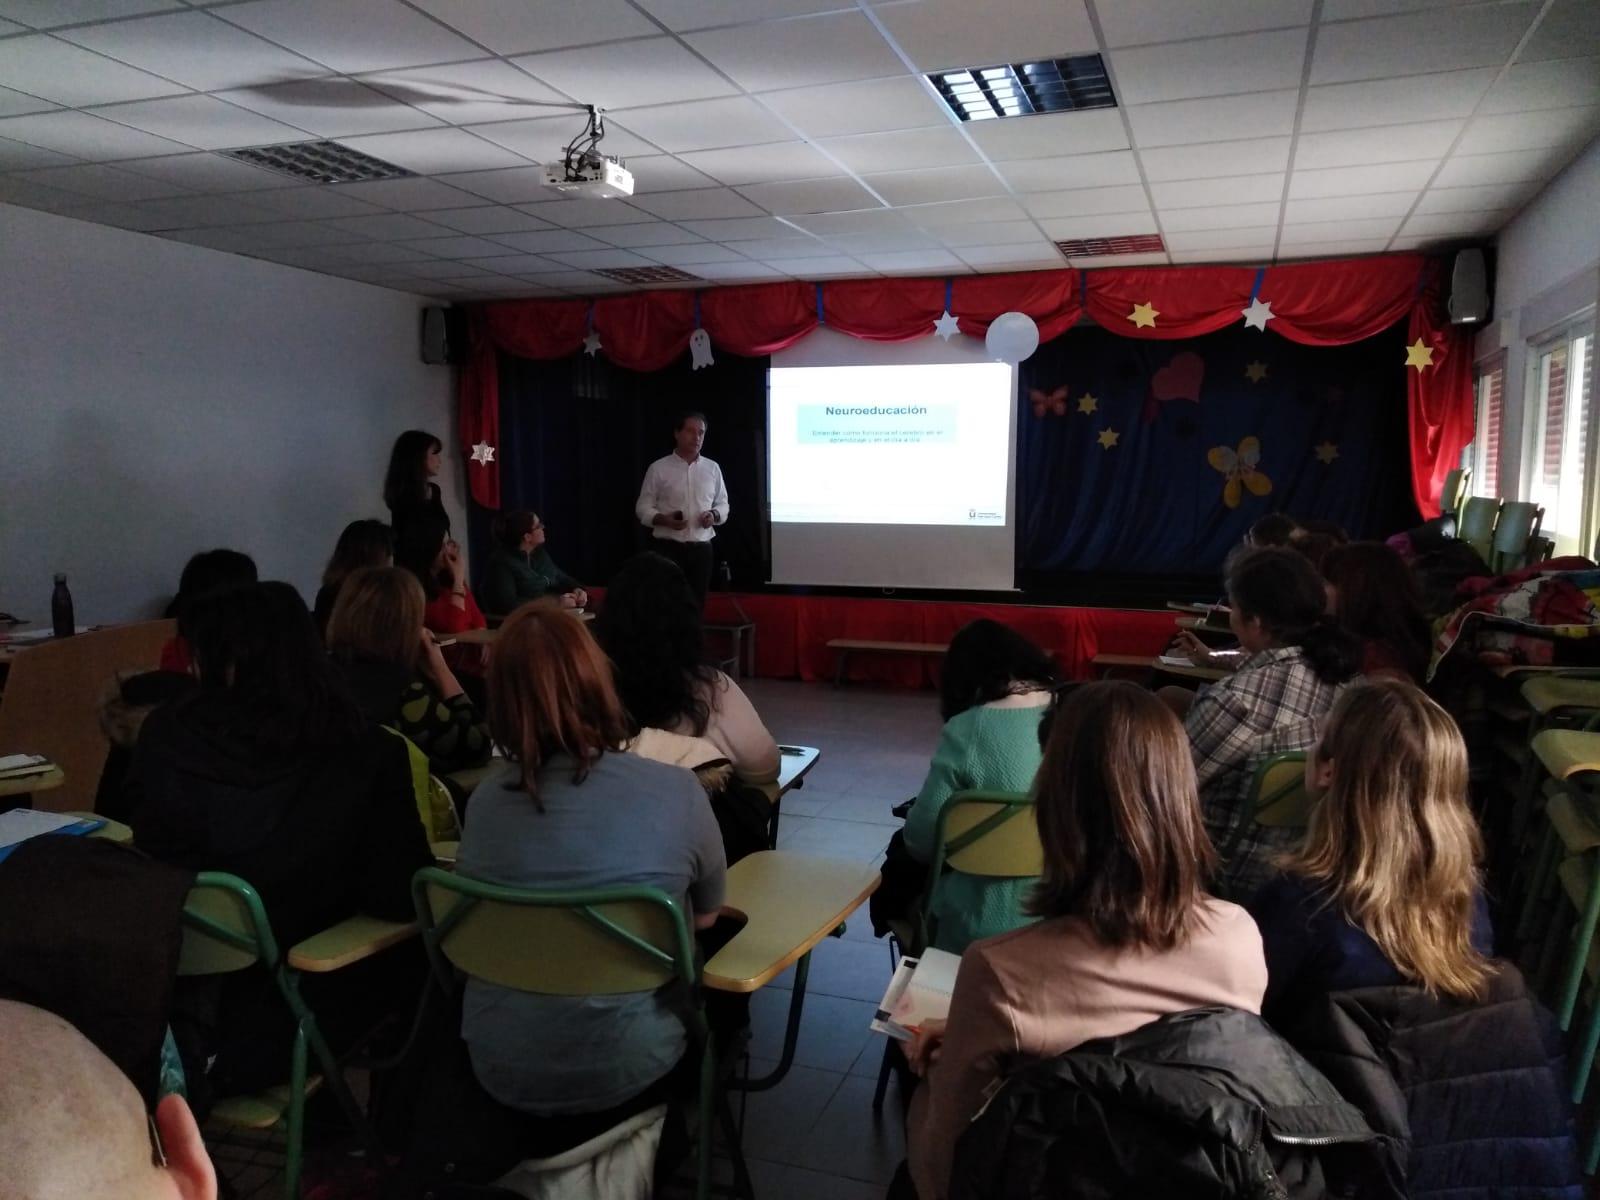 Éxito de participación en las jornadas de neurociencia educativa